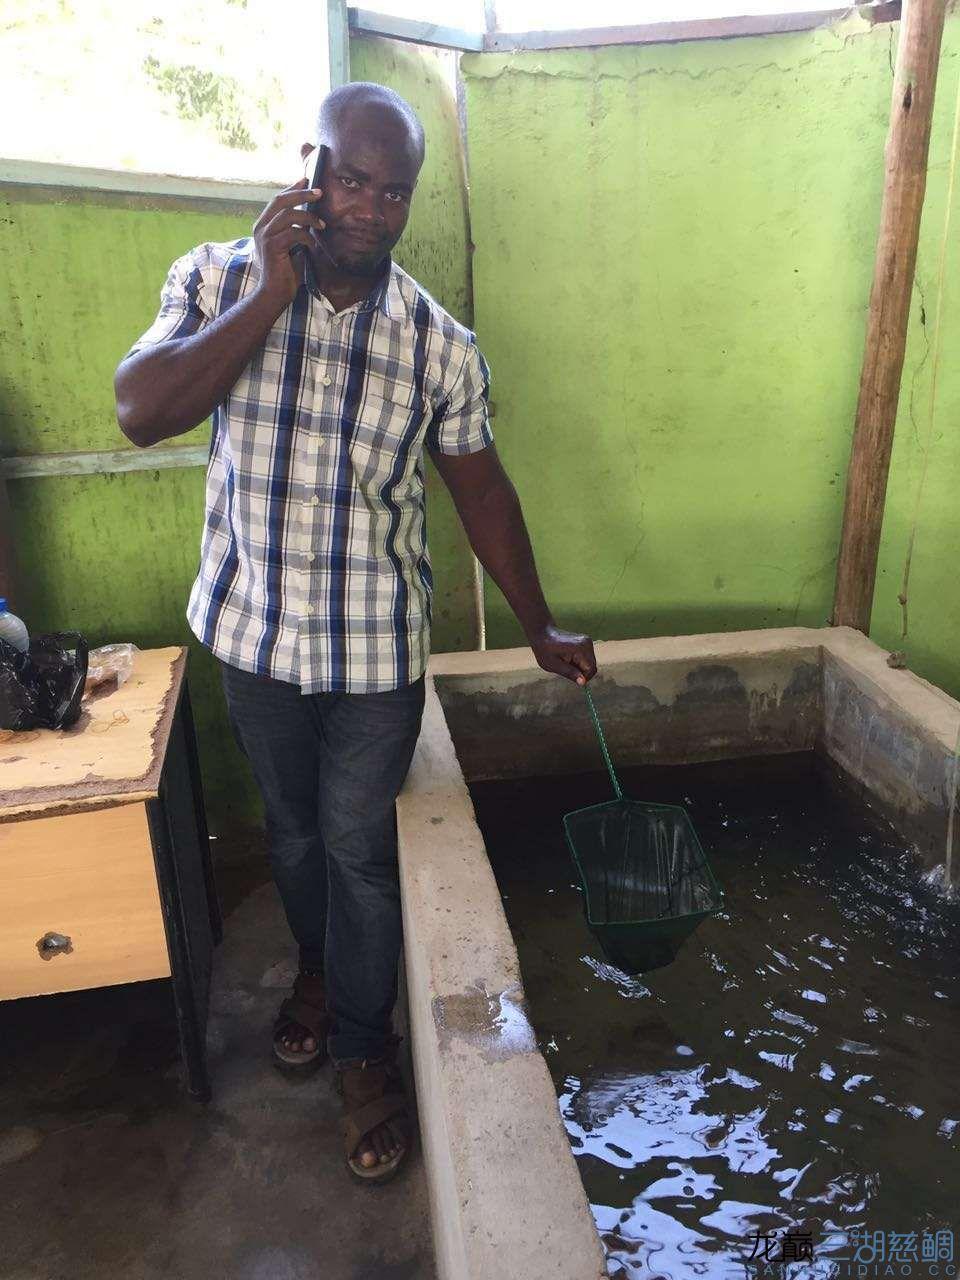 兰州森森鱼缸专卖店具体地址流浪坦桑尼亚探索坦干伊喀湖一 兰州水族批发市场 兰州龙鱼第25张